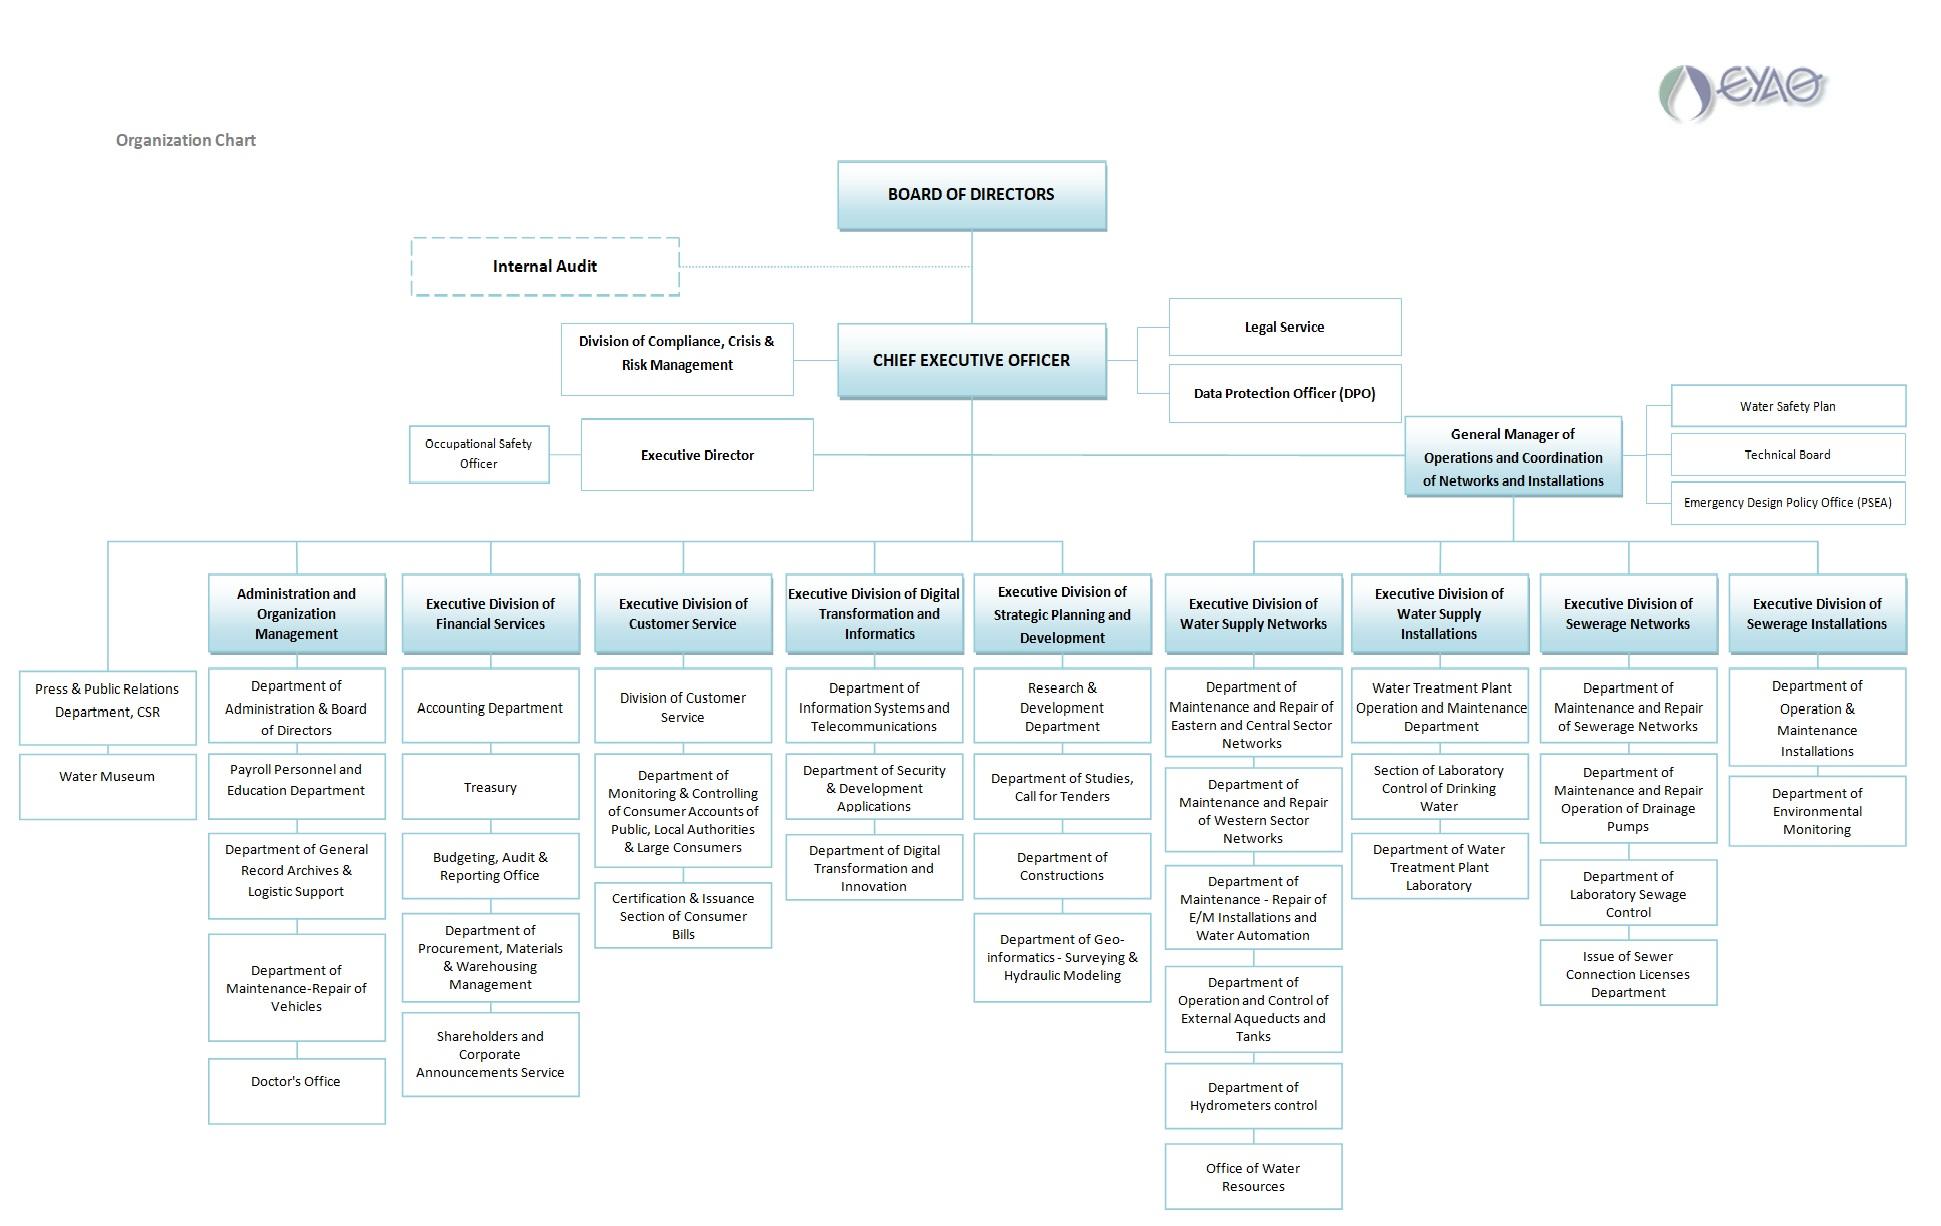 organization chart 2020